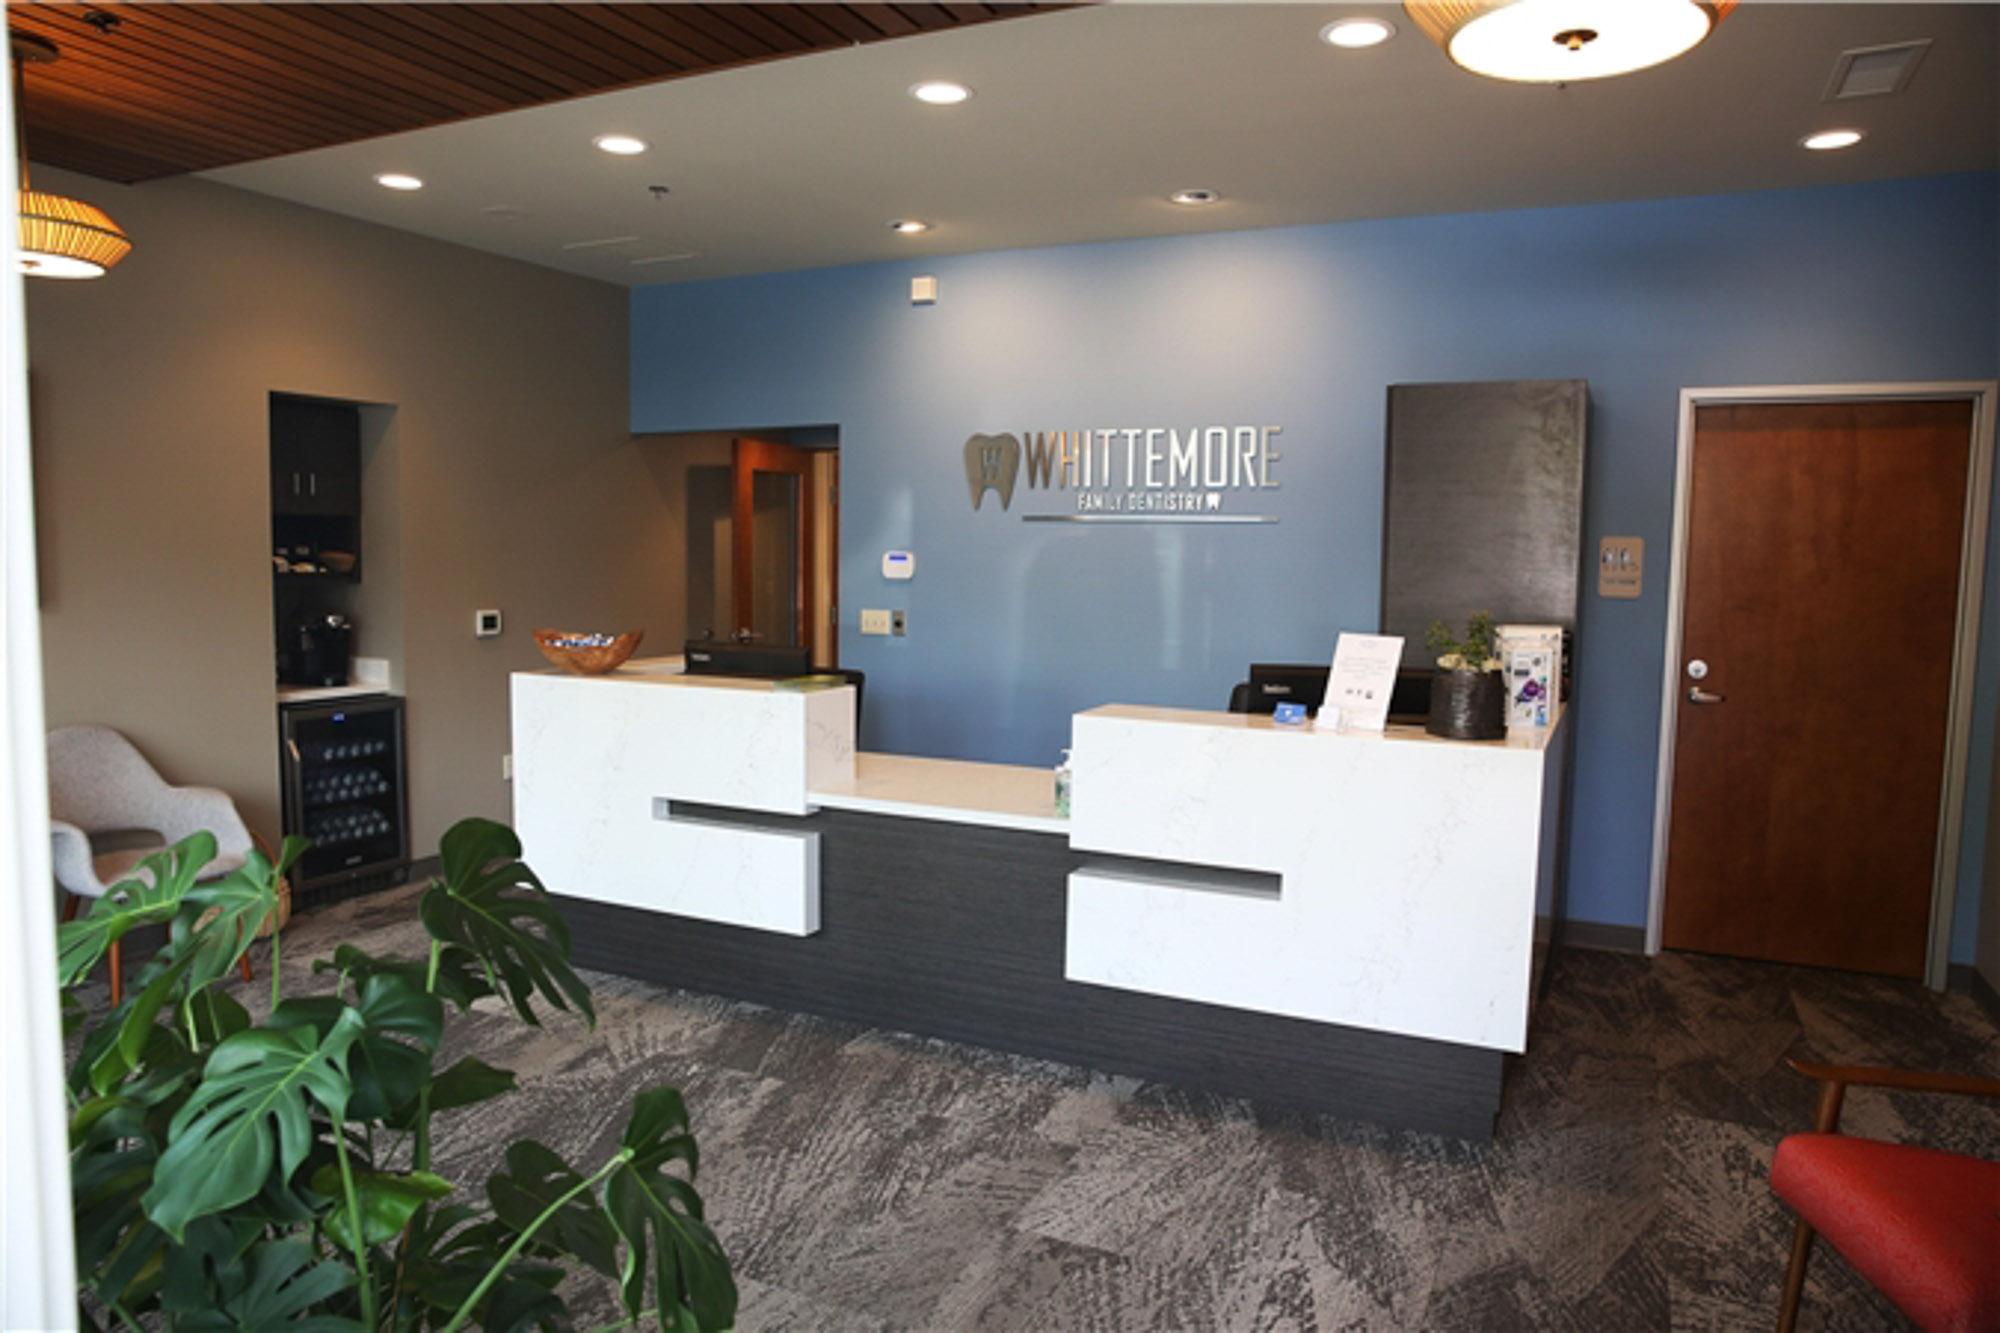 visit-sellwood-moreland-business-alliance_whittemore-family-dentistry-4.jpg